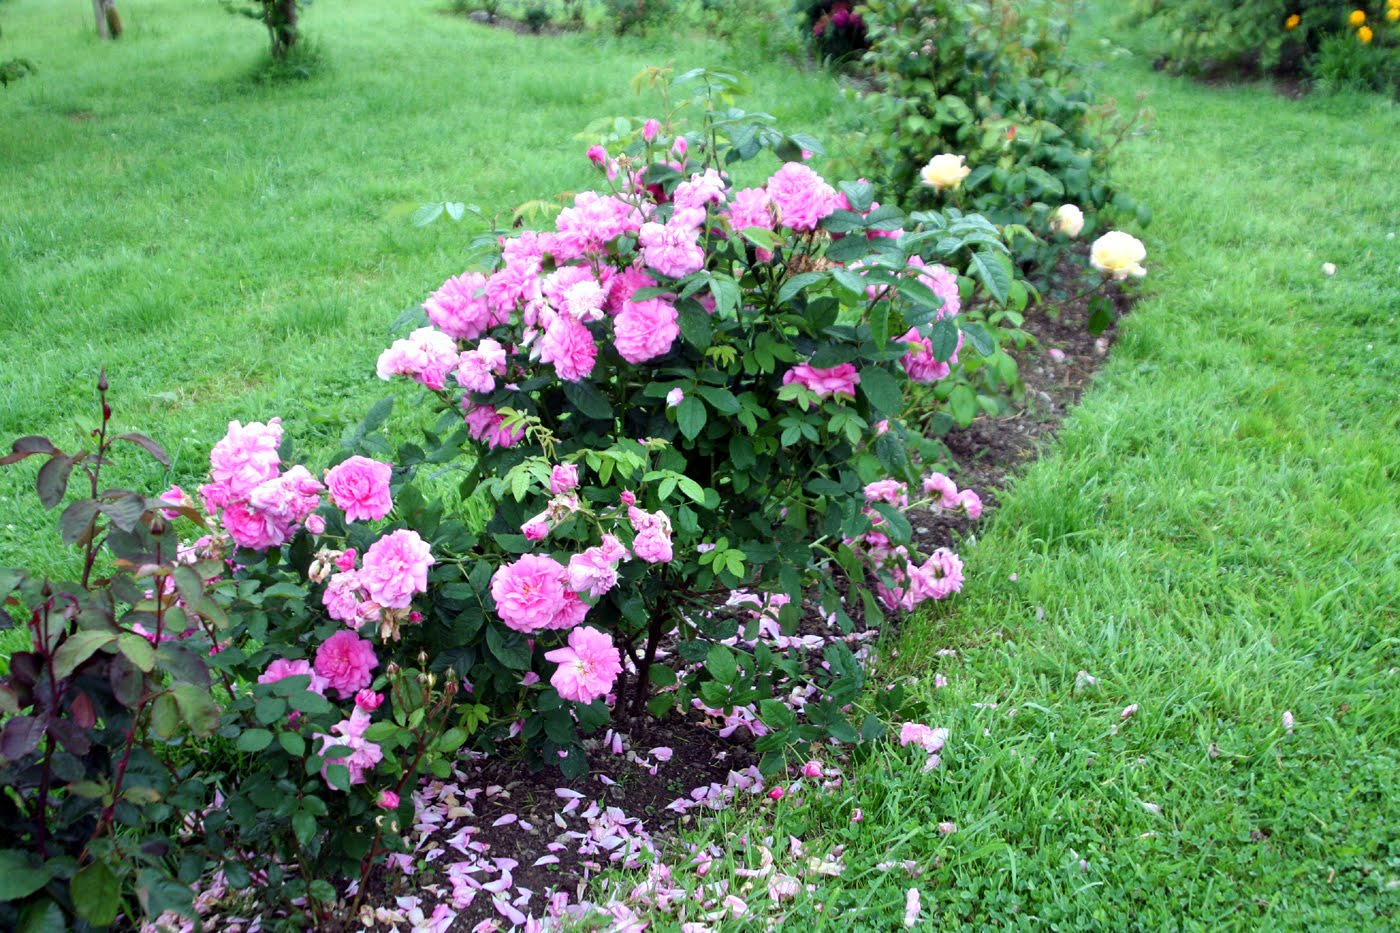 BT - The Crafty Gardener: Mainly The Deenery Garden ...